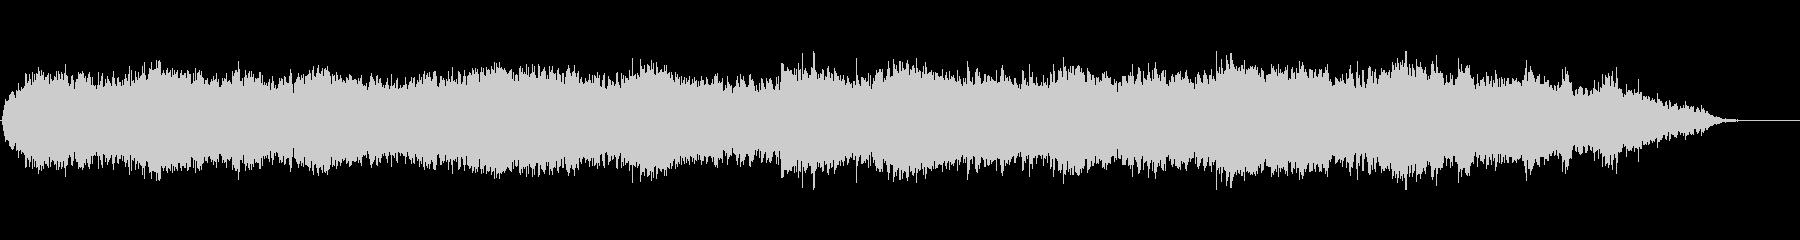 プラネタリウムや水族館で流れる神秘音楽の未再生の波形